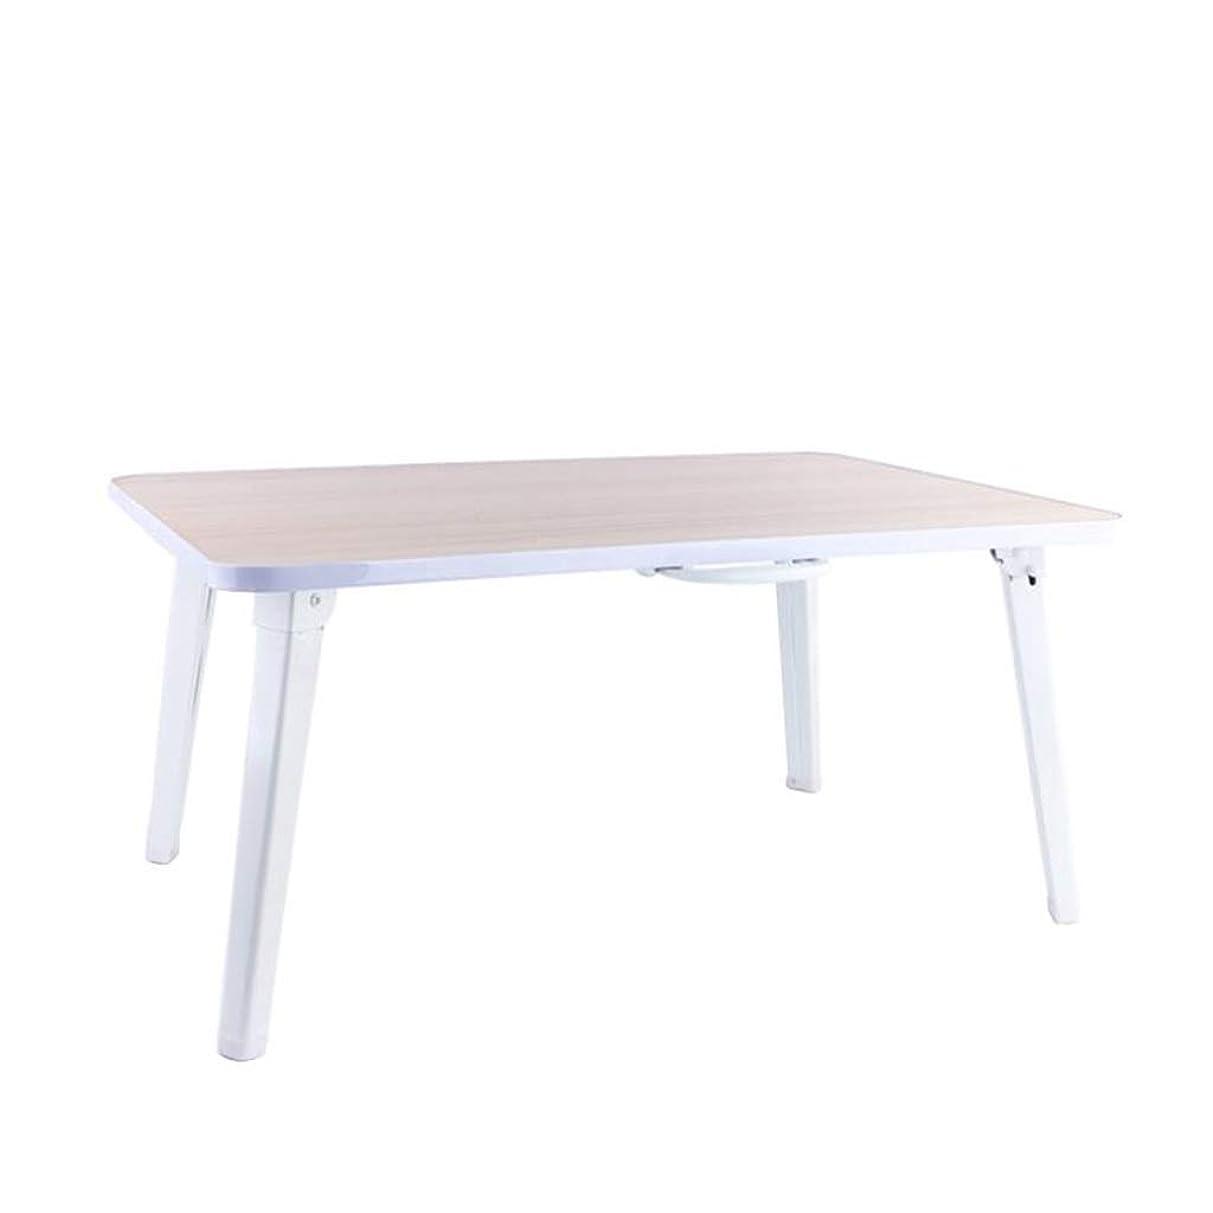 不完全見ましたベーカリー家庭 ラップトップスタンドベッドテーブル、サイドテーブルOrtableモバイルラップトップコンピュータスタンドデスク - ピンク 便利 (Color : Wood color)